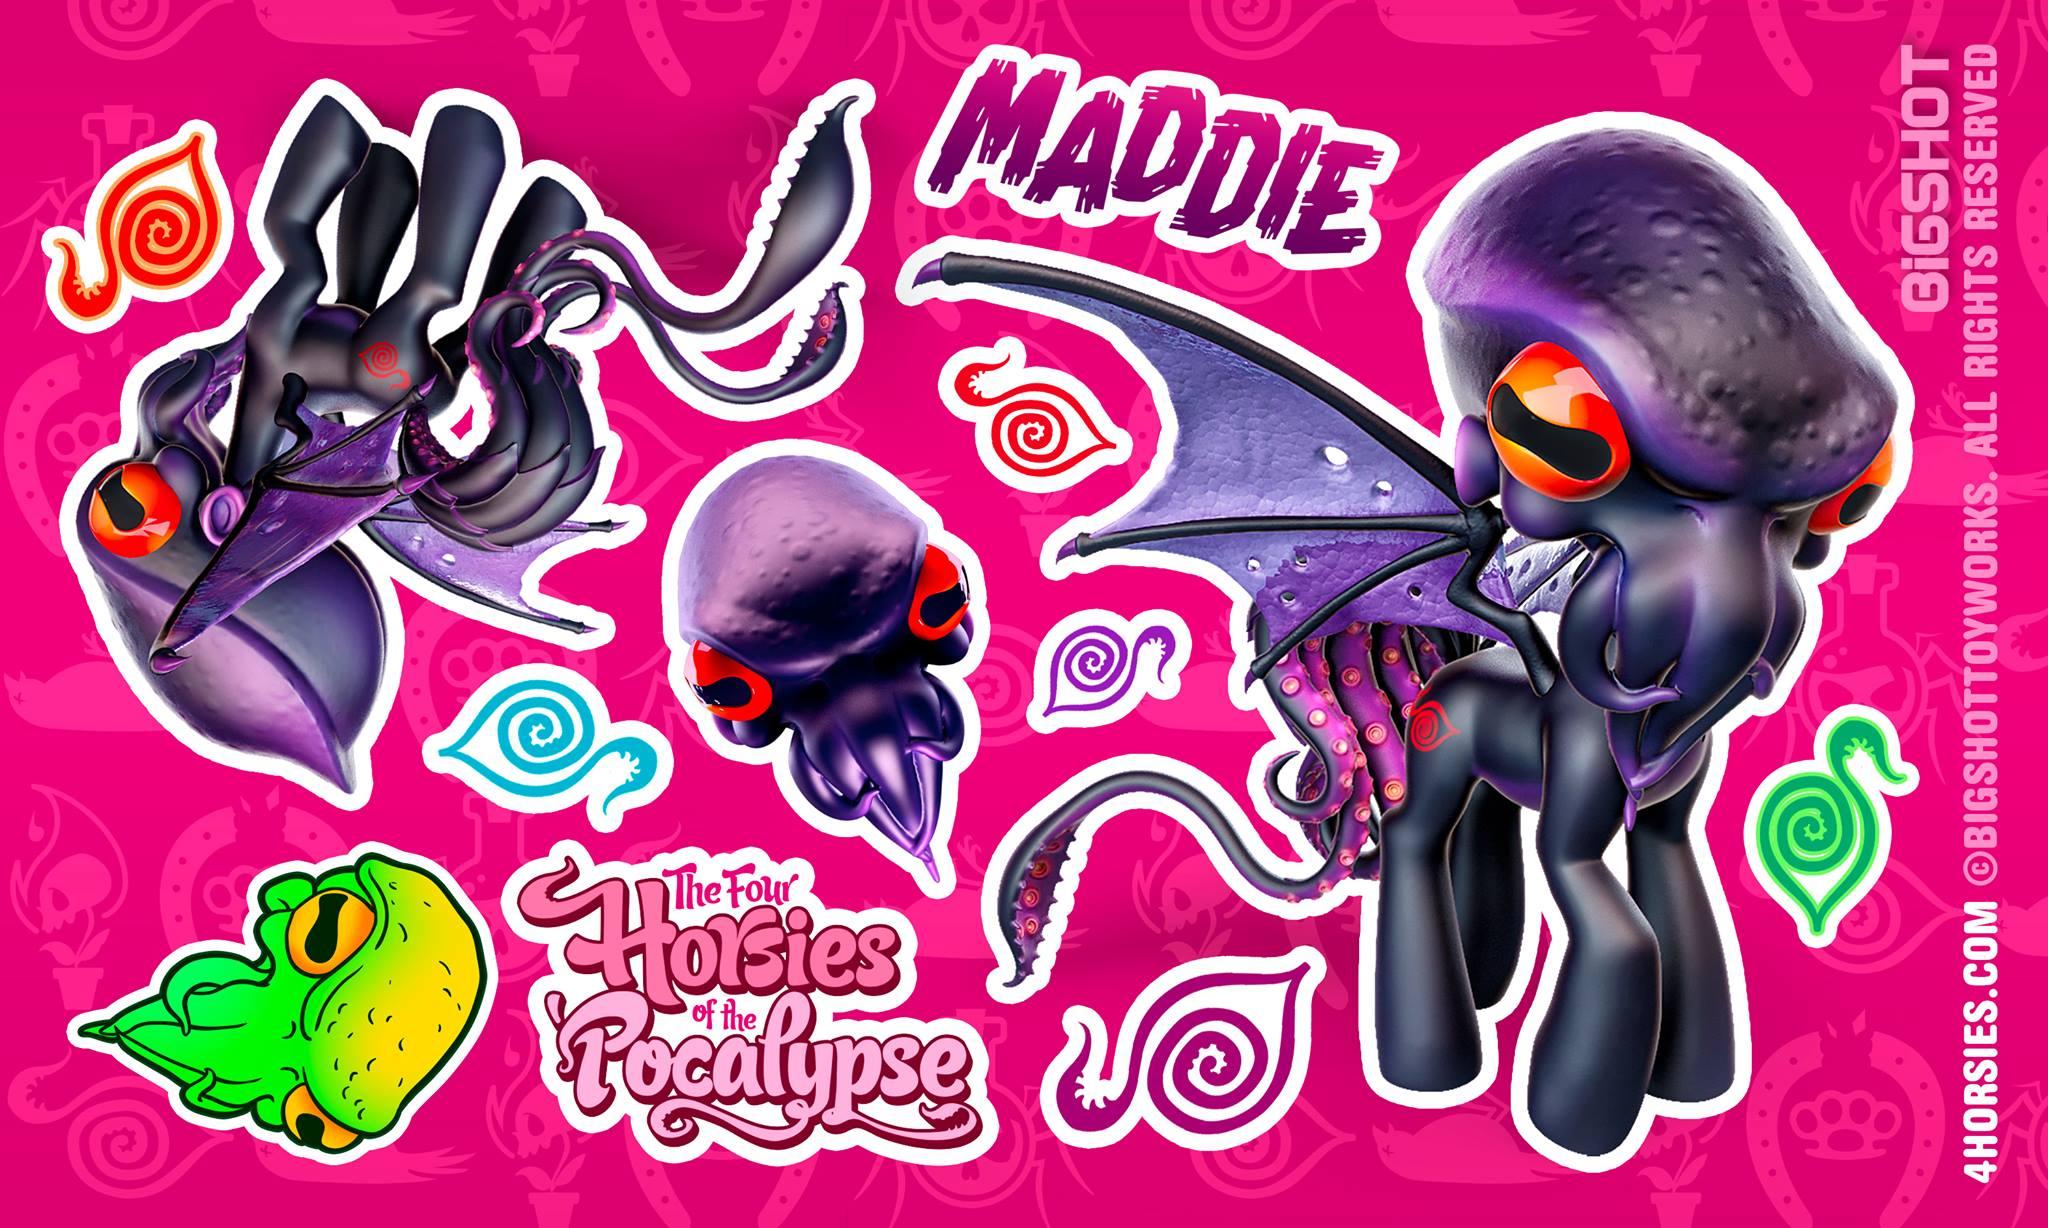 Maddie+sticker+sheet.jpg